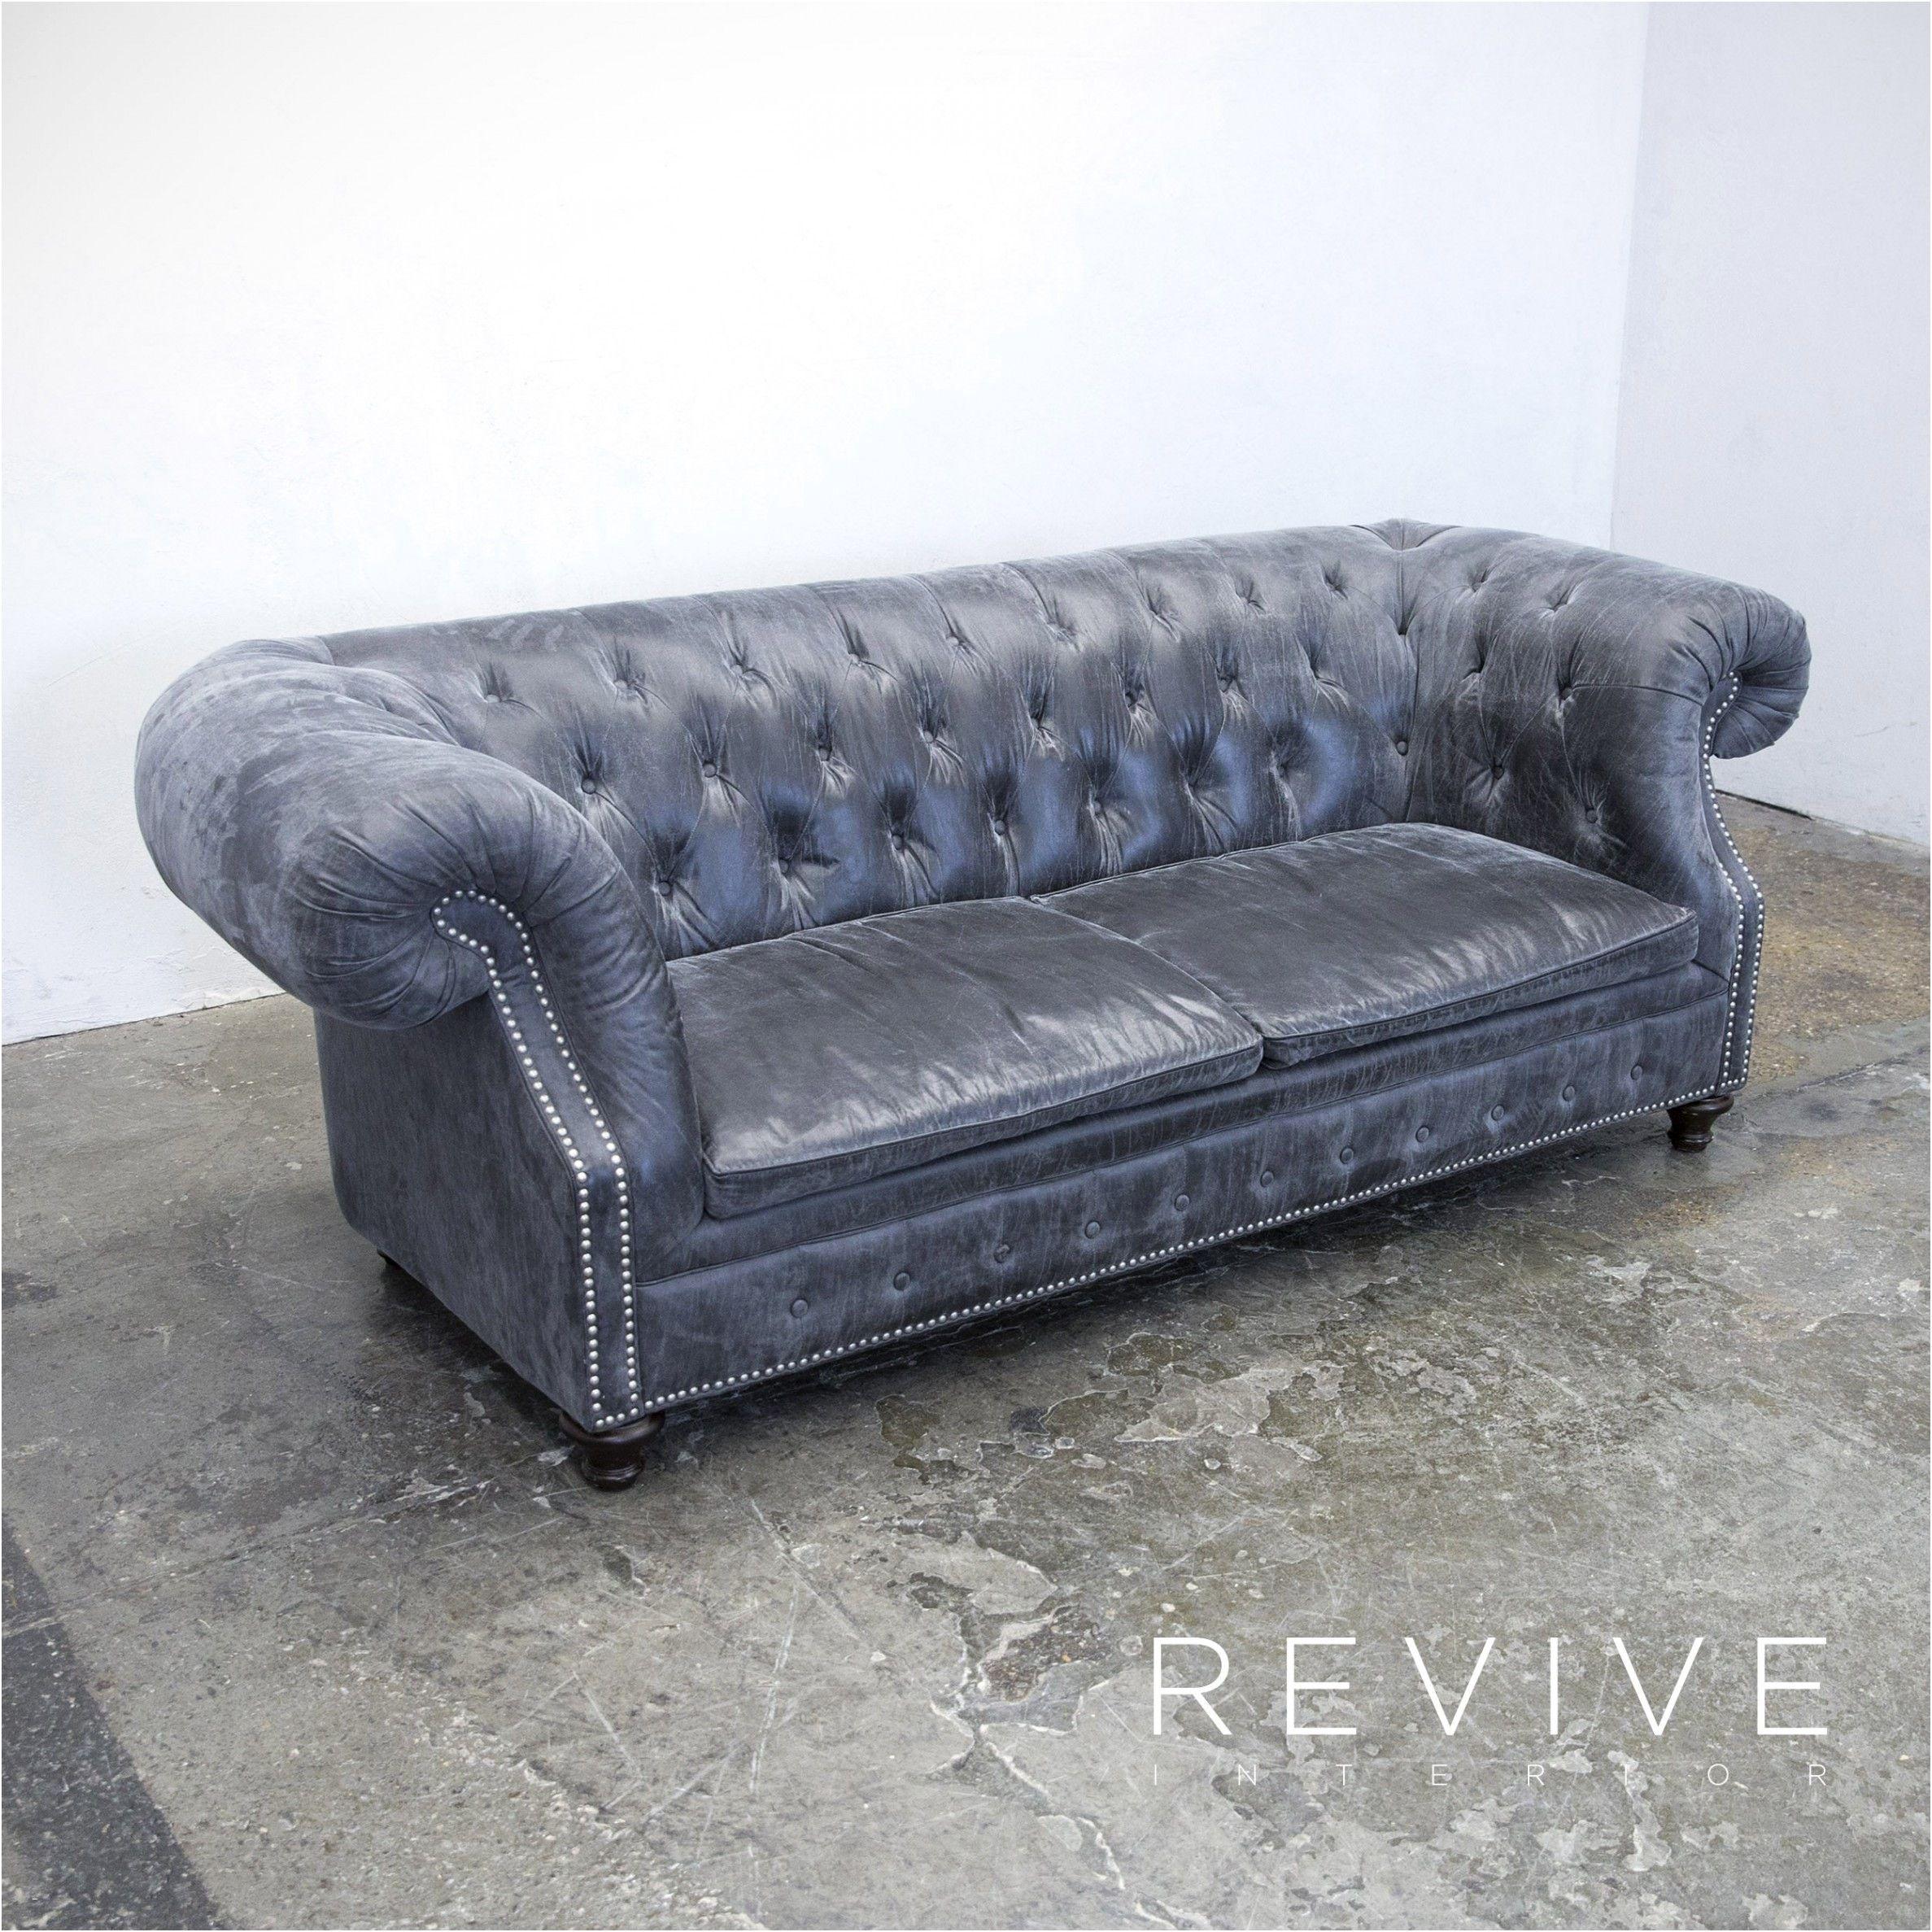 Full Size of Alcantara Sofa Magnificient Couch De Sede Mondo Günstig Kleines Wohnzimmer Rolf Benz Indomo Blau Koinor Kinderzimmer Stilecht Auf Raten Samt 3er Grau Halbrund Sofa Alcantara Sofa